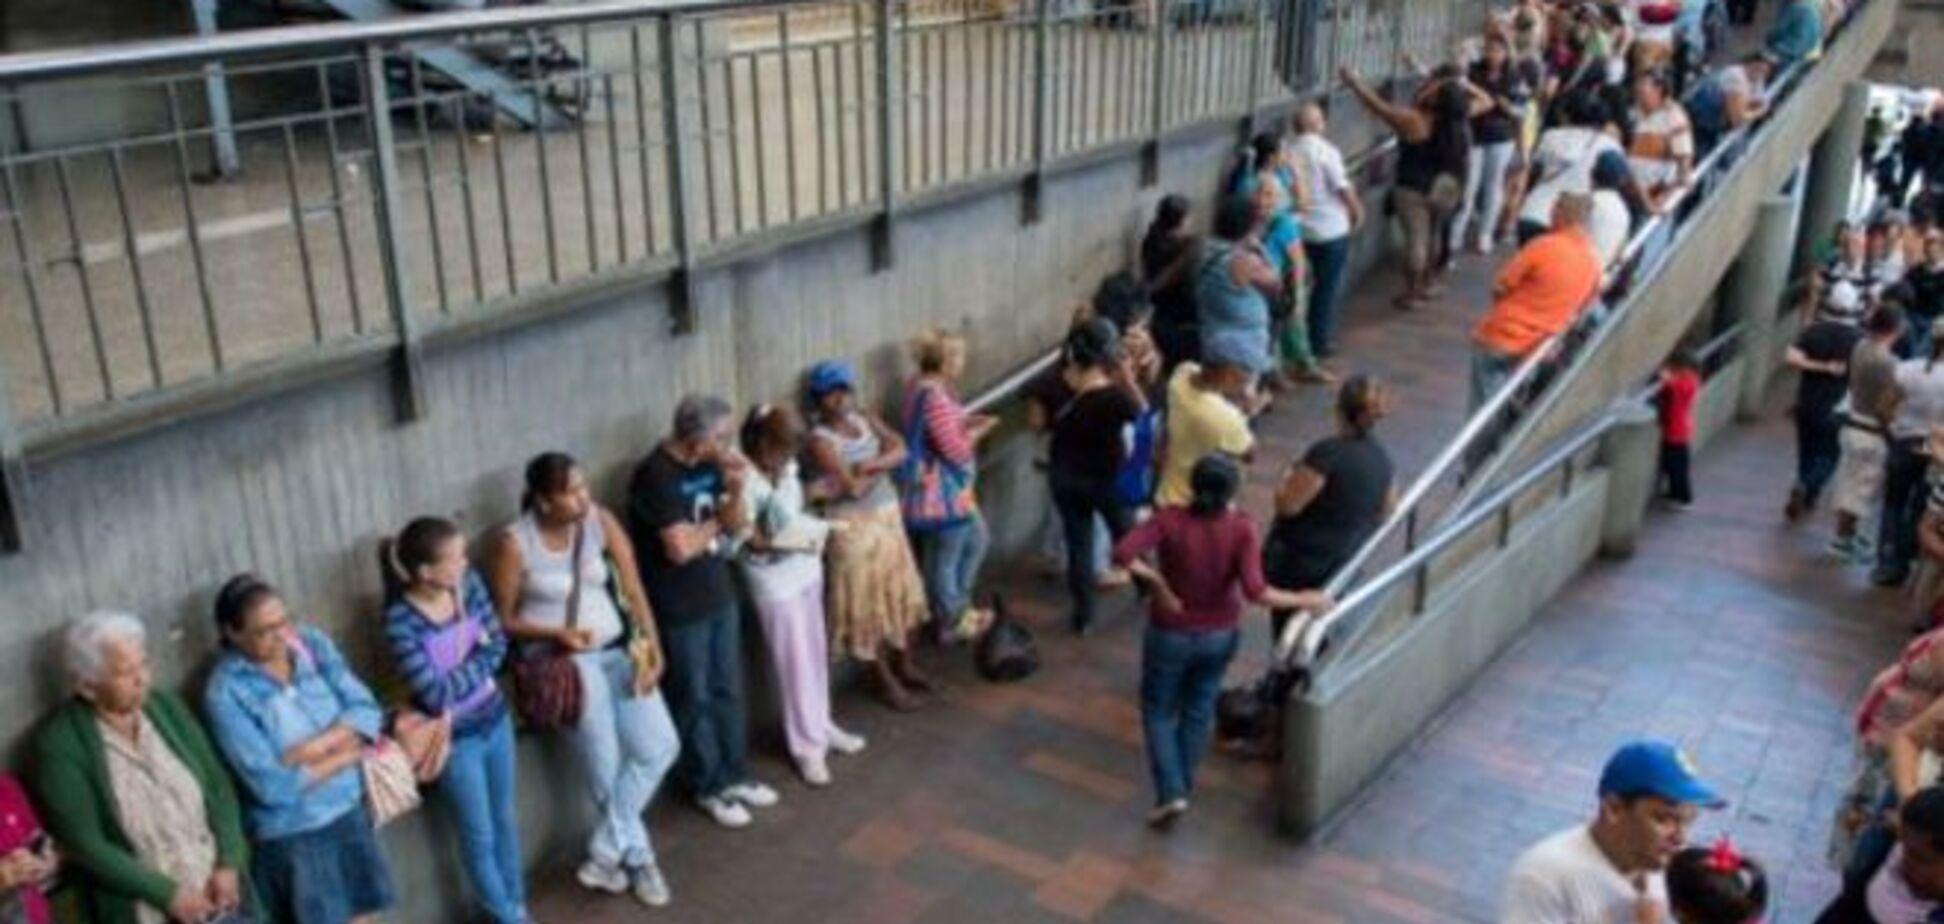 10 обычных вещей, которые стали недоступными для венесуэльцев из-за обвала боливара